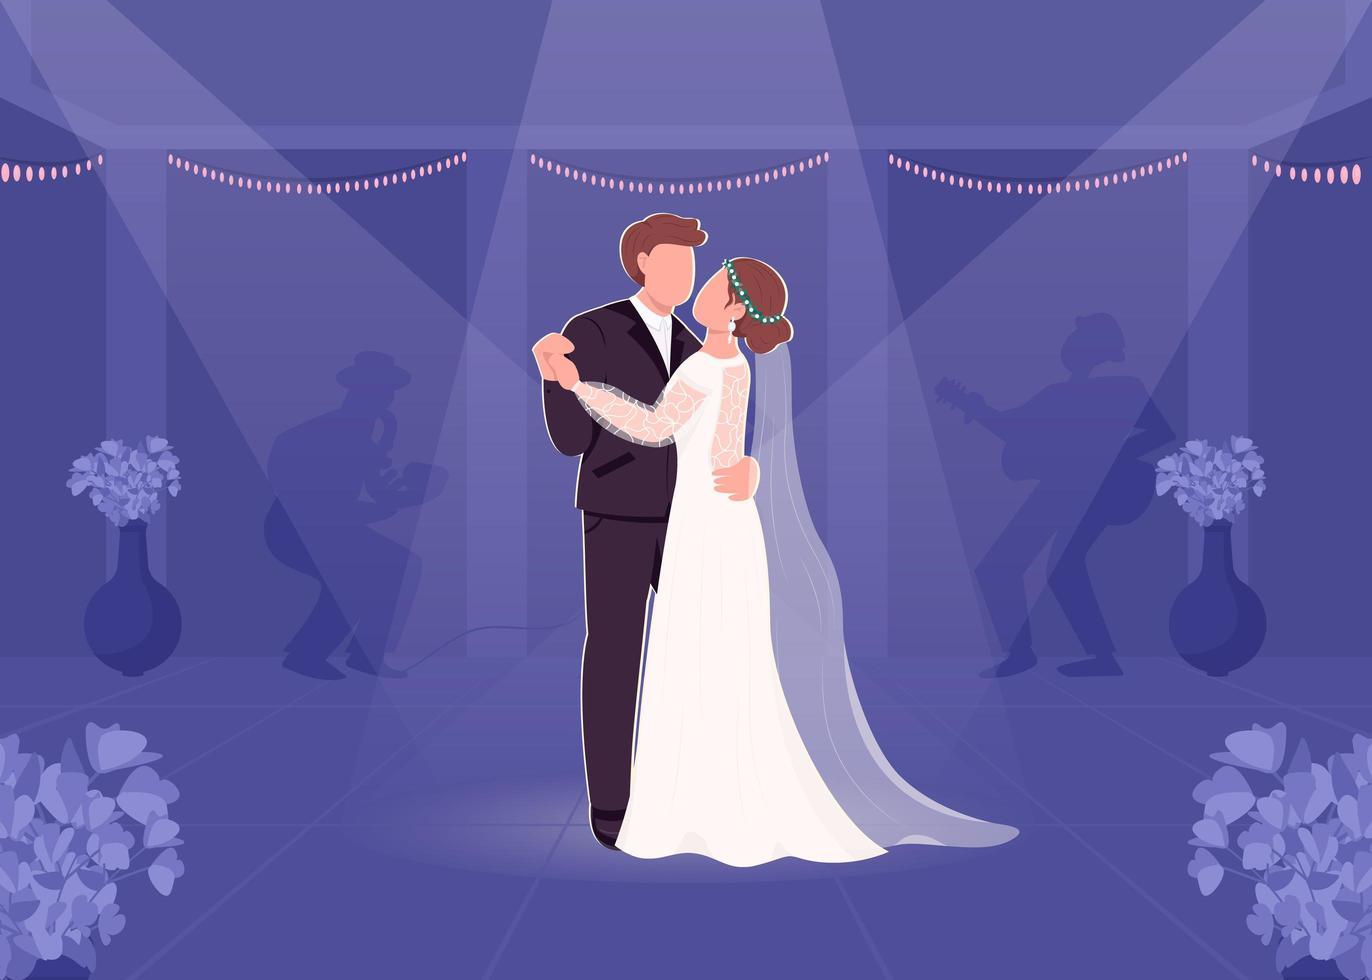 première danse des mariés vecteur